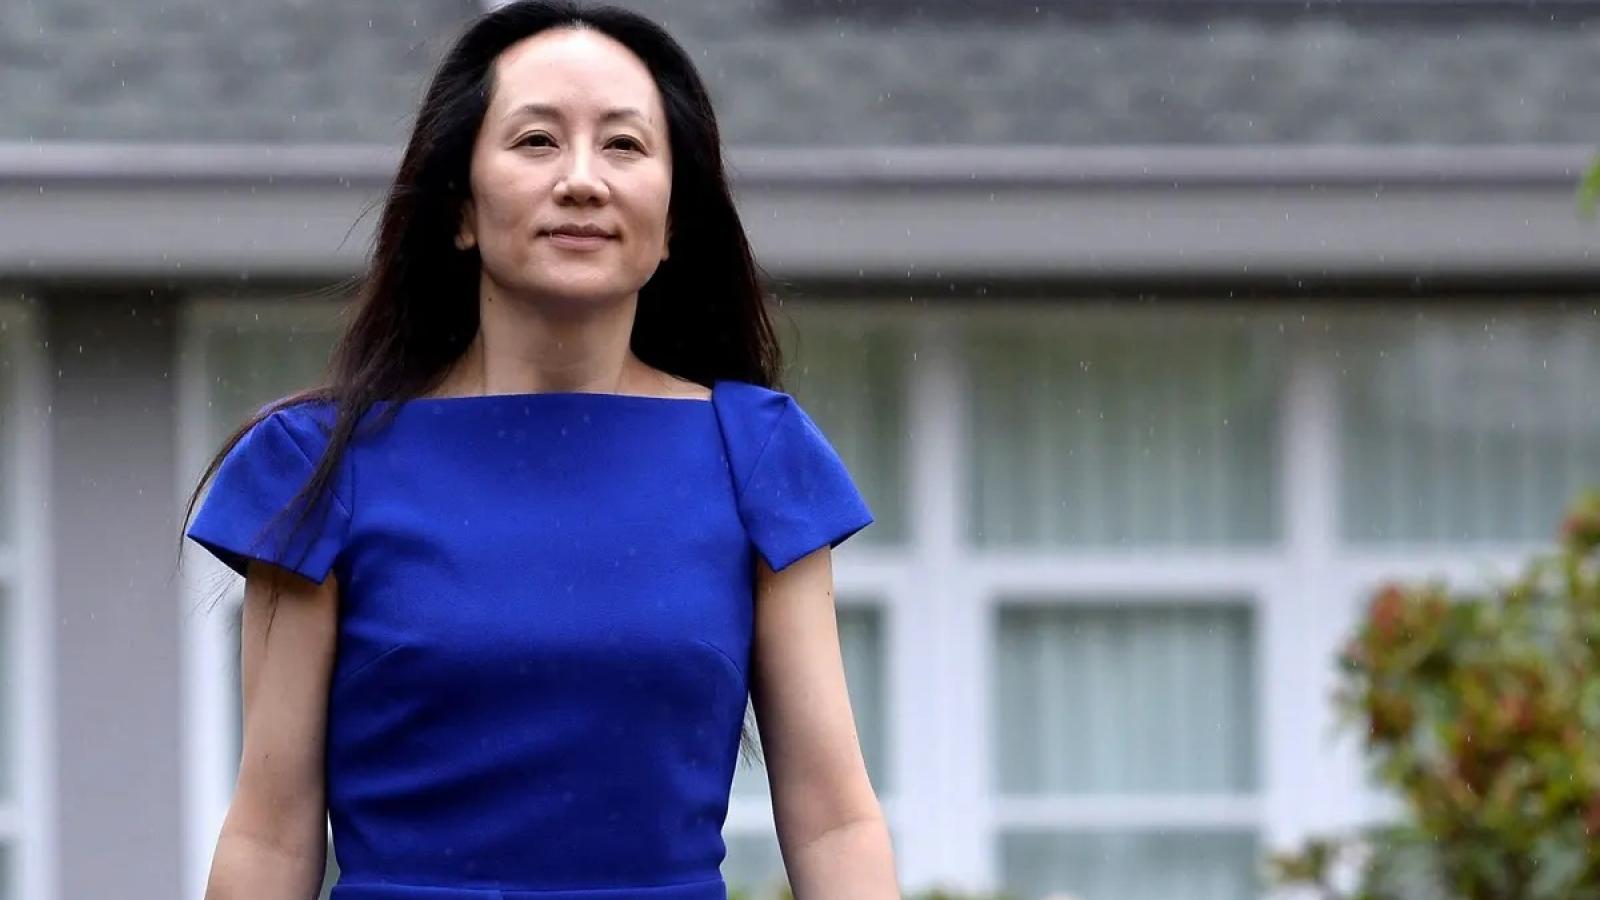 Gần 10 triệungười dùngmạngxã hội Trung Quốc yêu cầu Canada thả bà Mạnh Vãn Chu